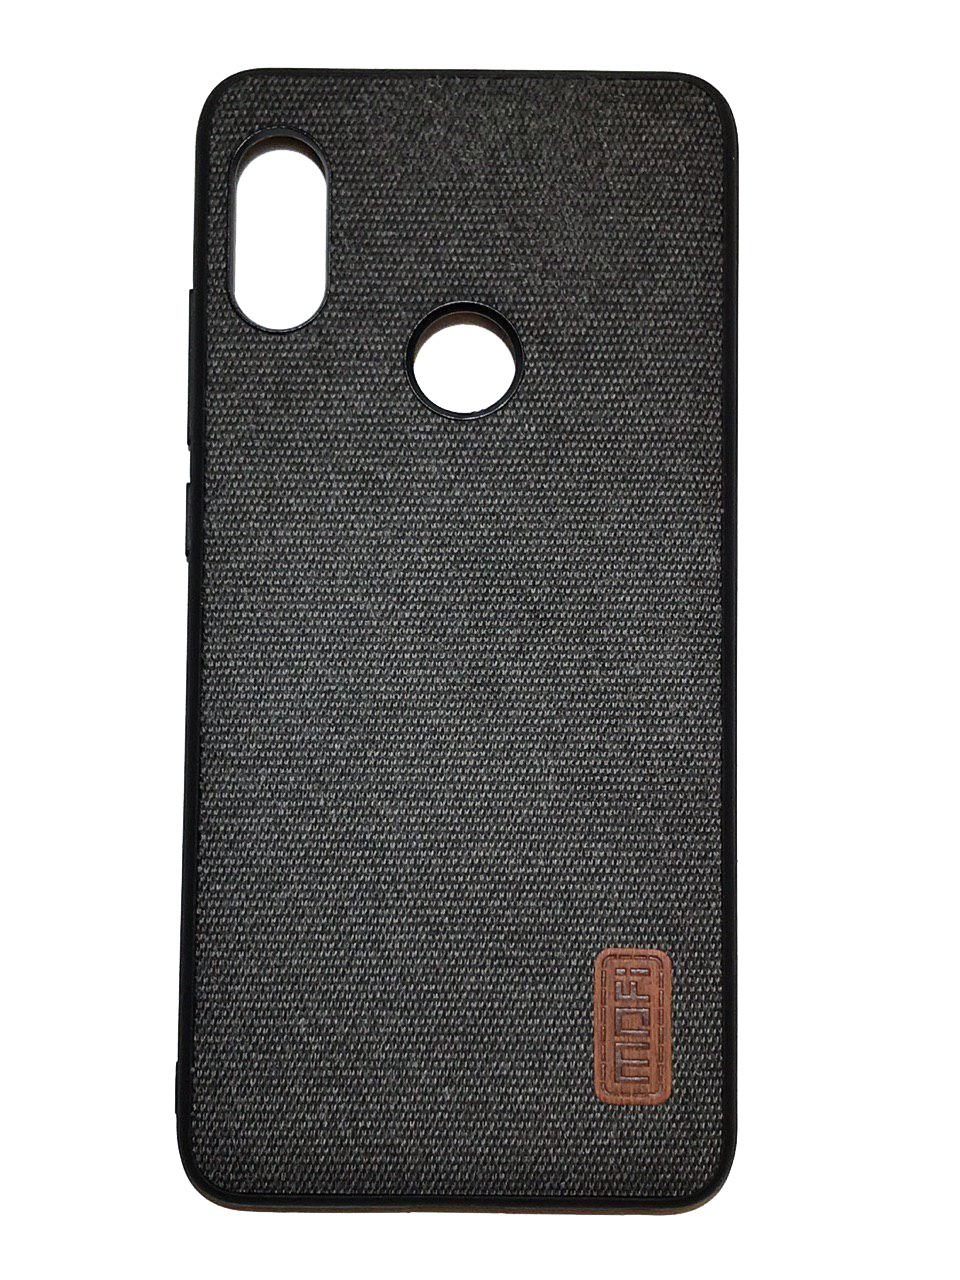 Чехол для Xiaomi Redmi Note 5 Накладка Fabric Xiaomi Redmi Note 5 /Note 5 Pro Black xiaomi redmi note 5